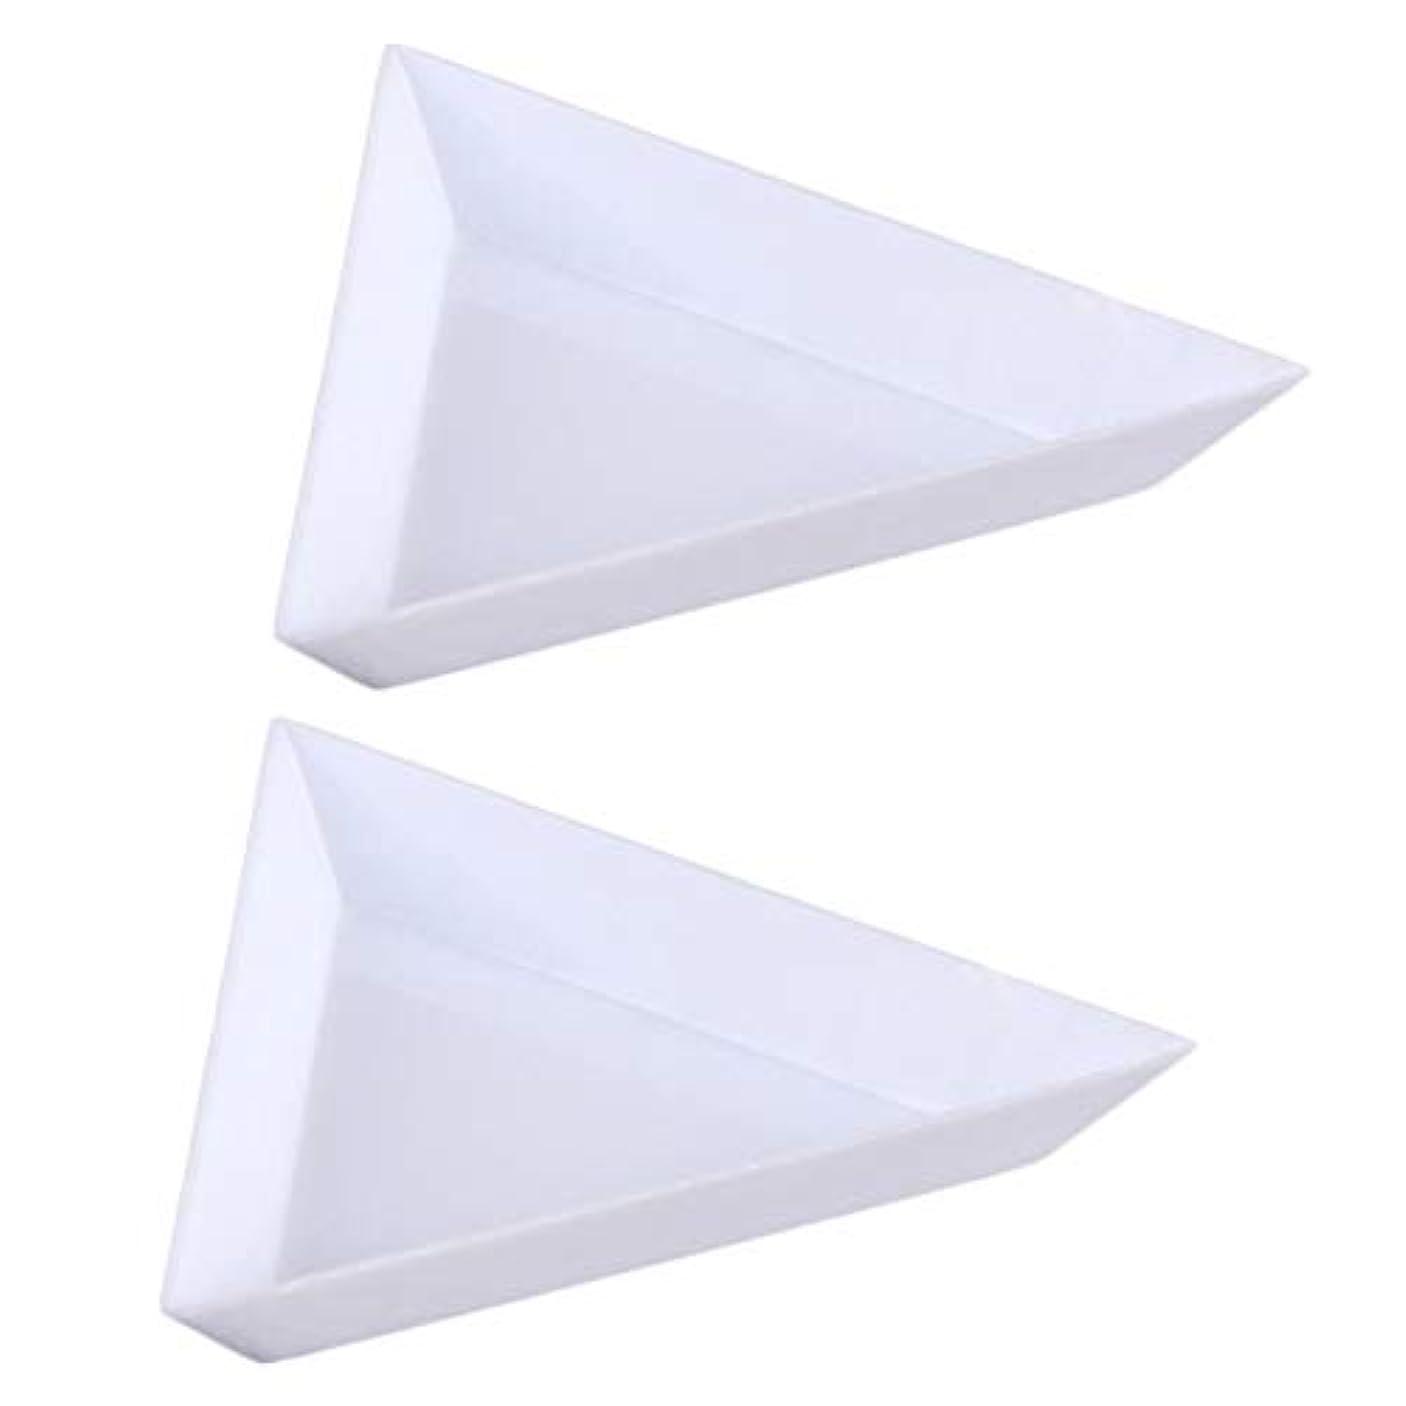 ボルトレジバターRETYLY 10個三角コーナープラスチックラインストーンビーズ 結晶 ネイルアートソーティングトレイアクセサリー白 DiyネイルアートデコレーションDotting収納トレイ オーガニゼーションに最適